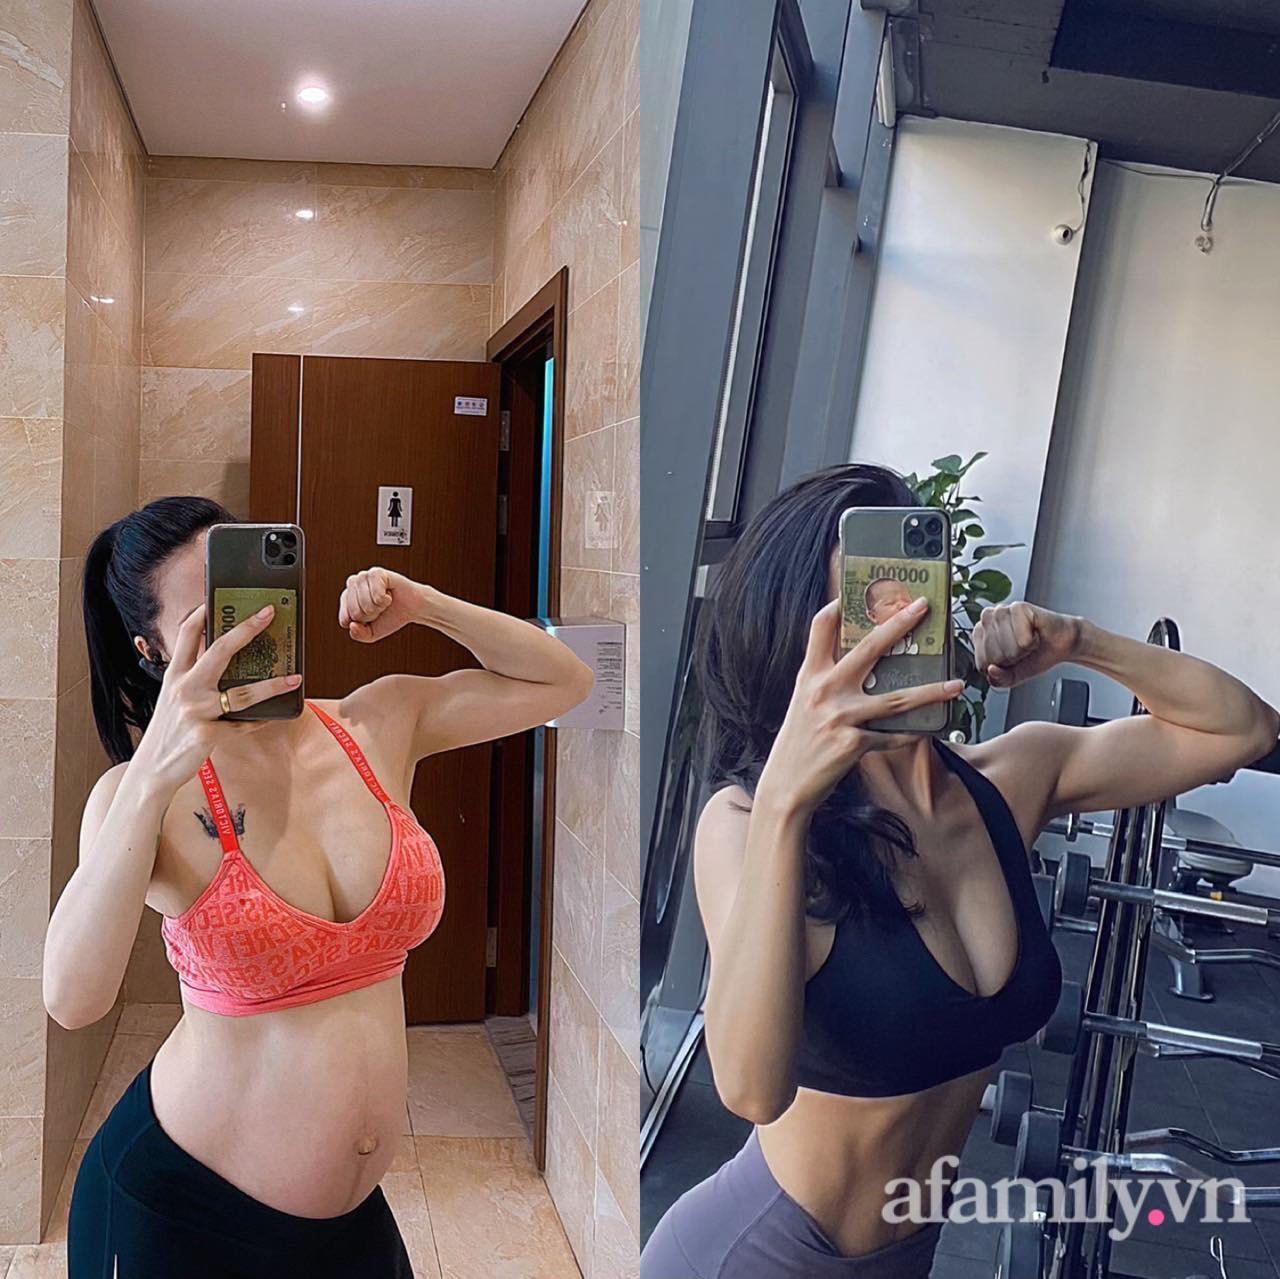 Mẹ 9x khoe cơ bụng đẹp nức nở dù mới sinh con 3 tháng, chỉ ra sai lầm của nhiều chị em khiến việc giảm cân sau sinh thất bại - Ảnh 10.